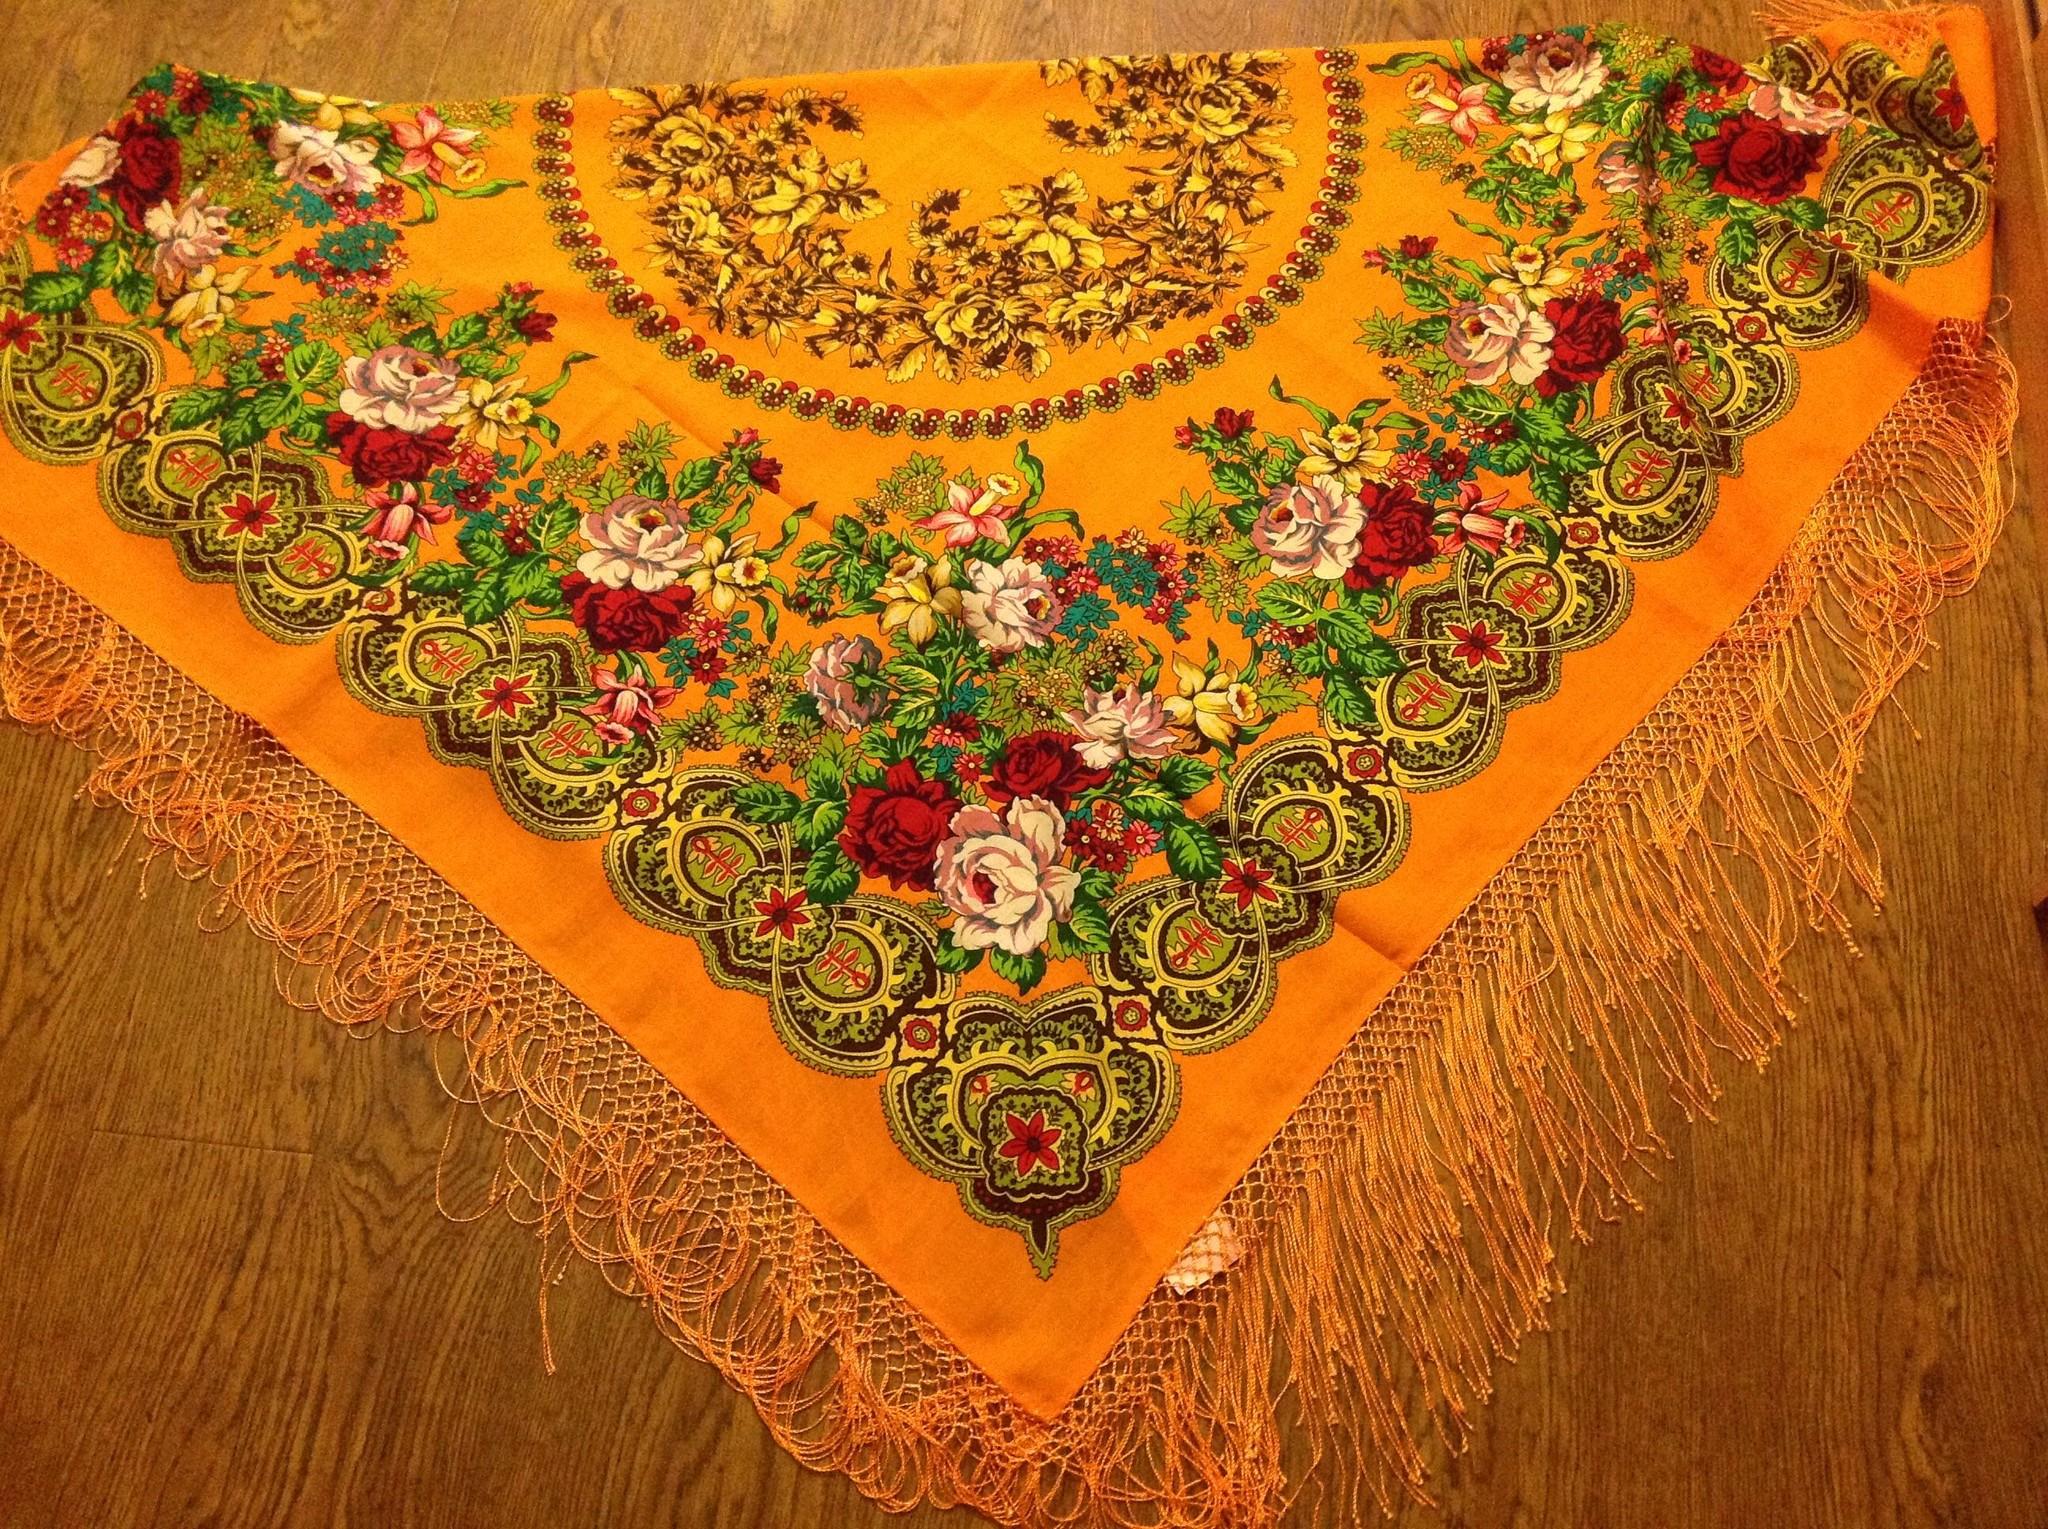 картинки татарских вышивок цветы фото период для совершения